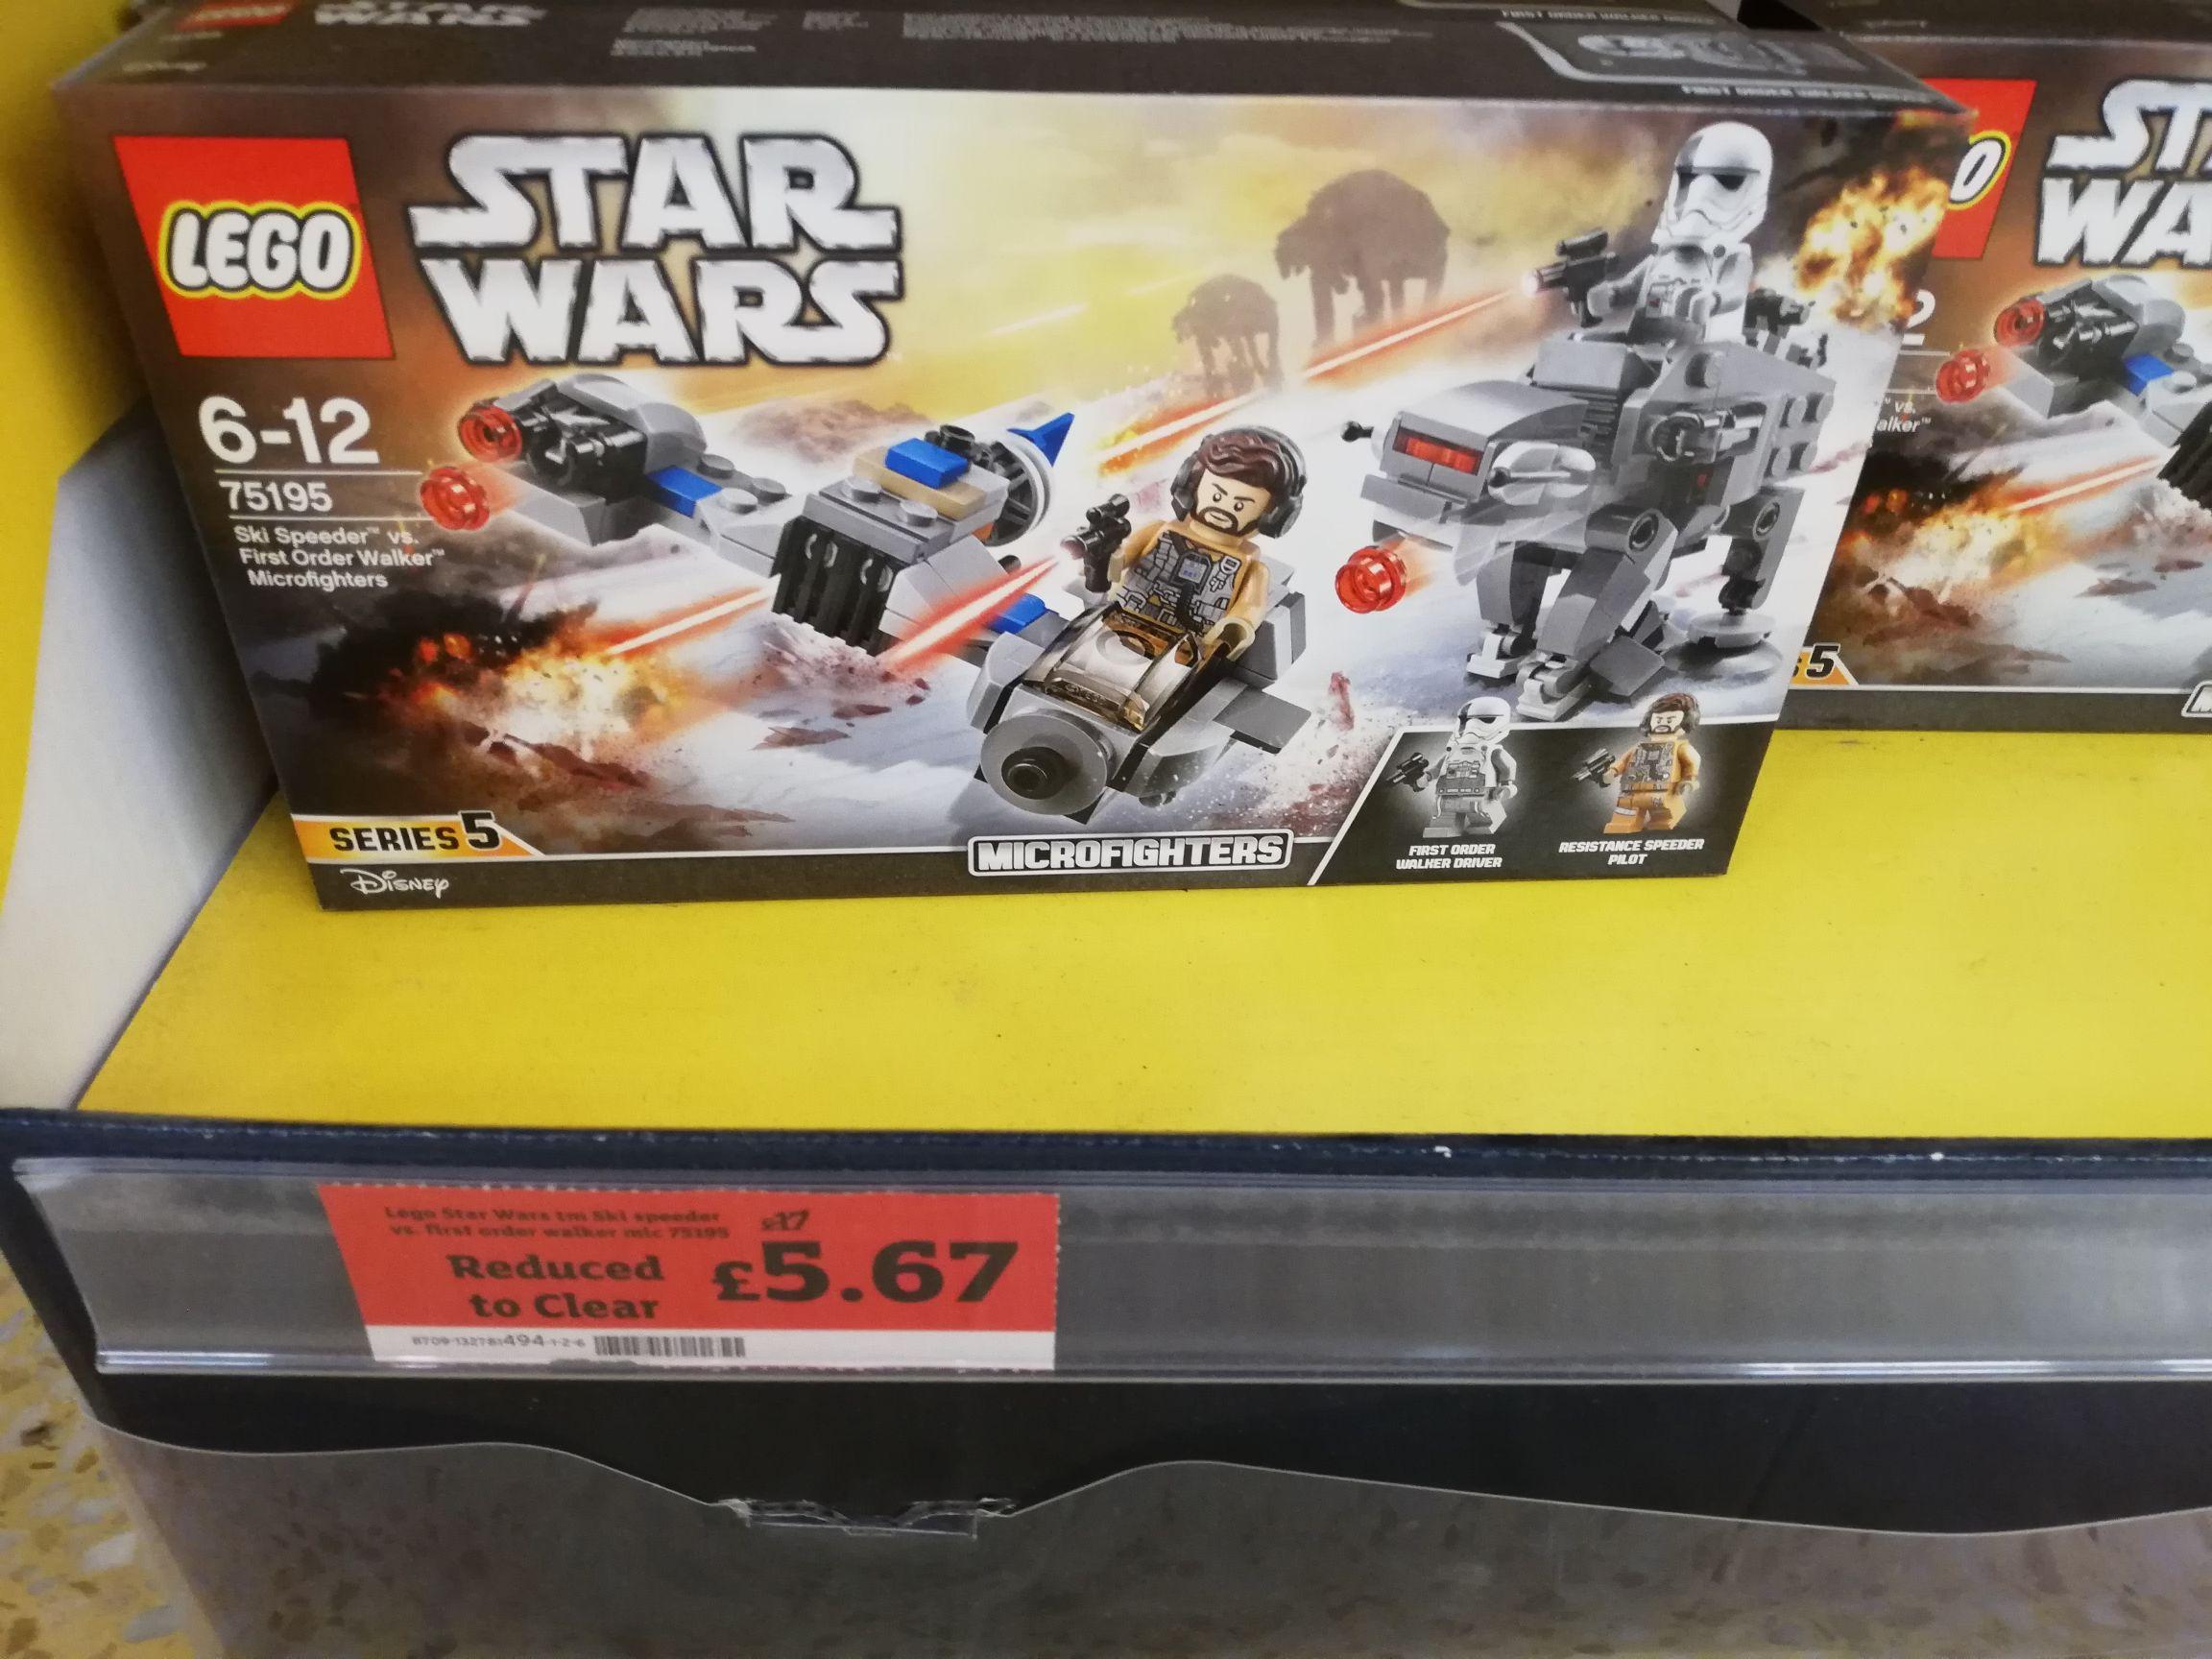 Lego Star Wars Ski Speeder Vs First Order Walker 75195 - £5.67 instore @ Sainsbury's Bridgend